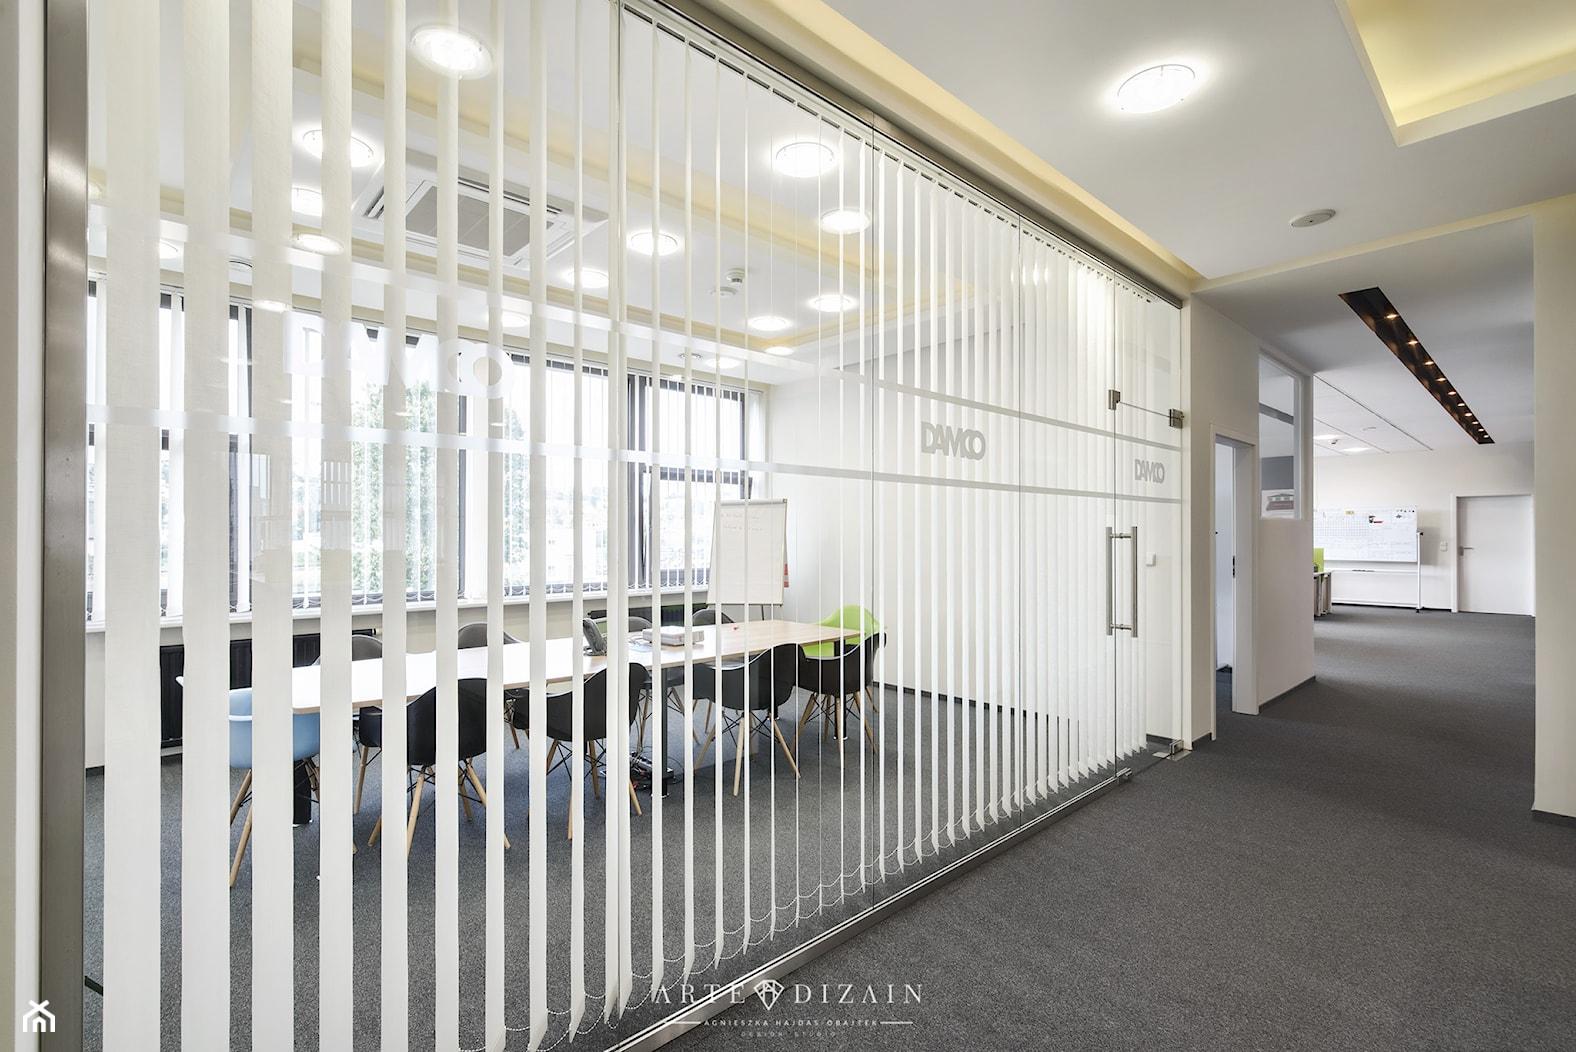 Wnętrze biurowe - Wnętrza publiczne, styl nowoczesny - zdjęcie od Arte Dizain - Homebook